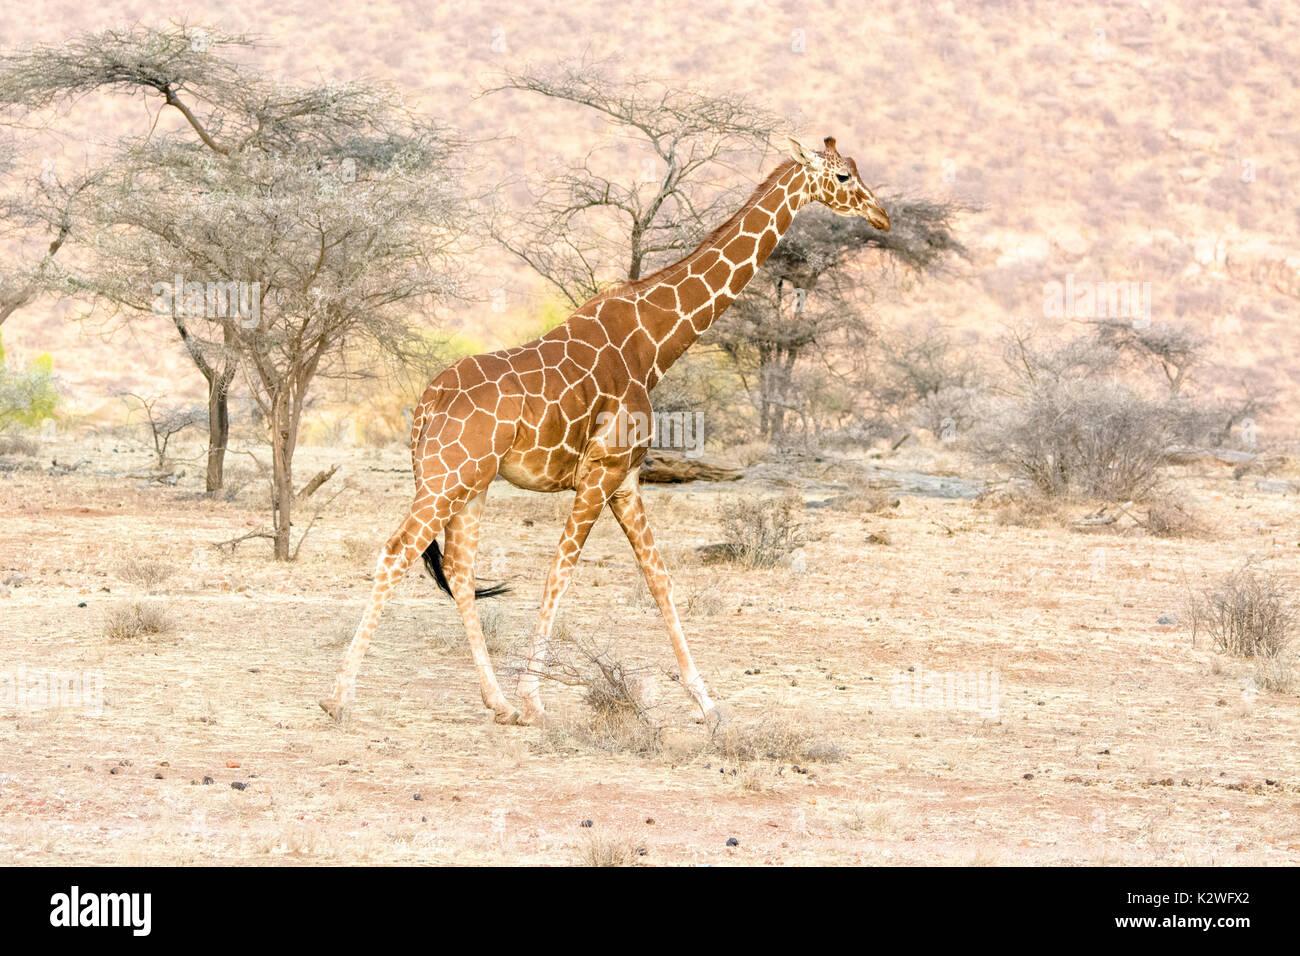 Vista lateral de una solitaria Jirafa reticulada, Giraffa camelopardalis reticulata, paseos en Buffalo Springs Reserva Nacional, Kenia, África Oriental Foto de stock